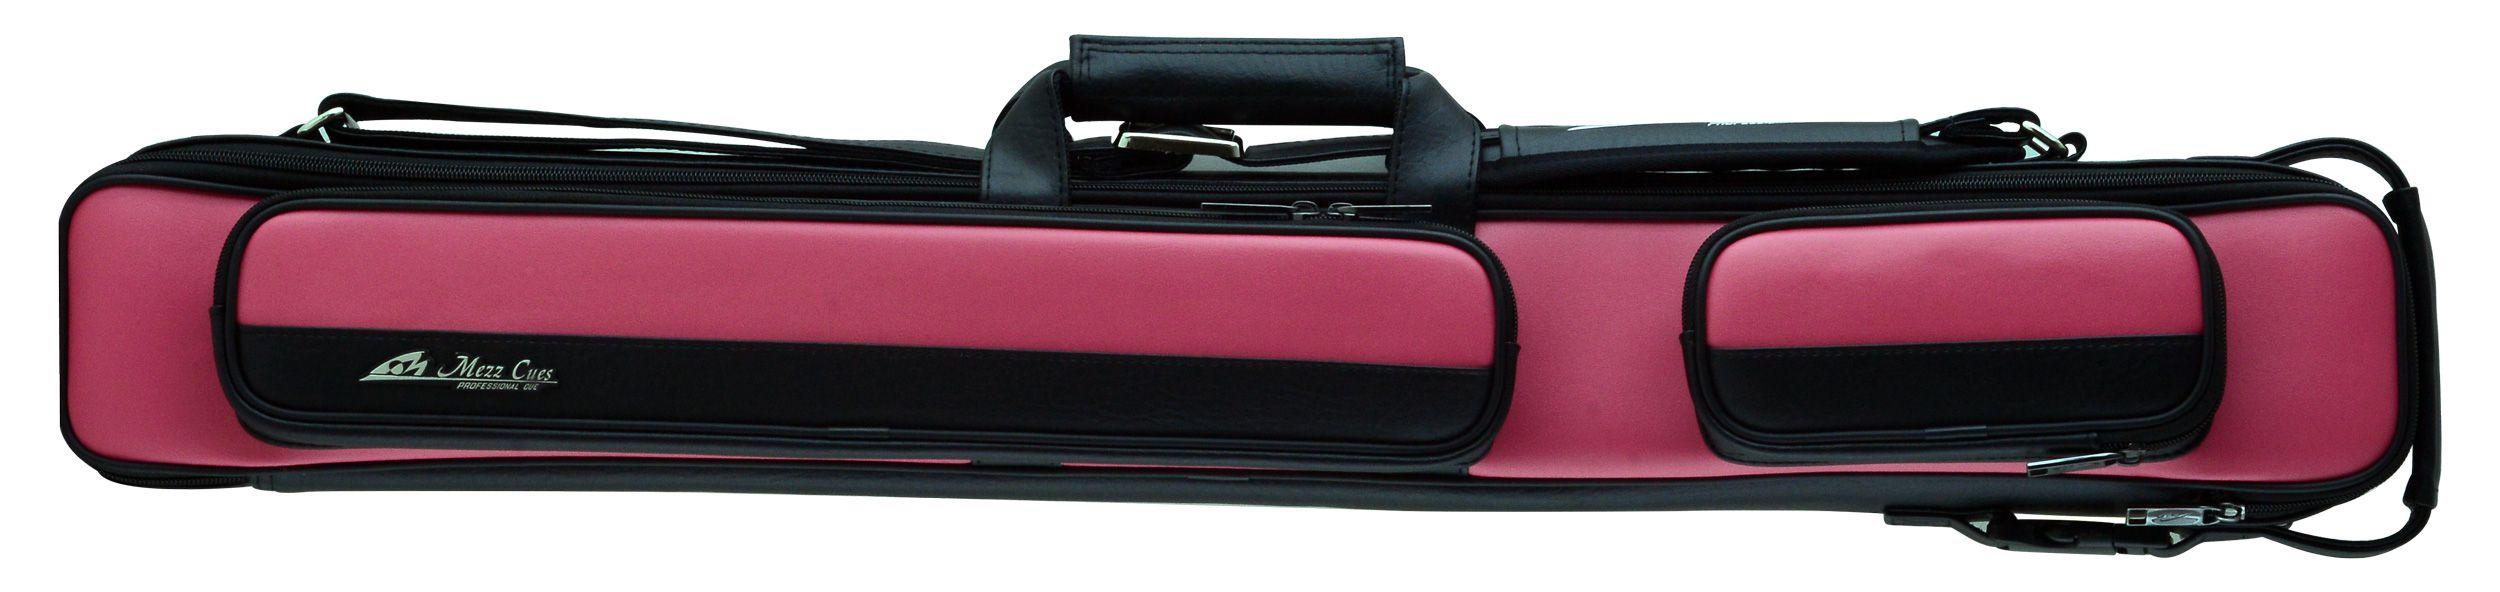 【廃盤在庫限り】 キューケース mz-24p ピンク (バット2本シャフト4本収納) 商品画像